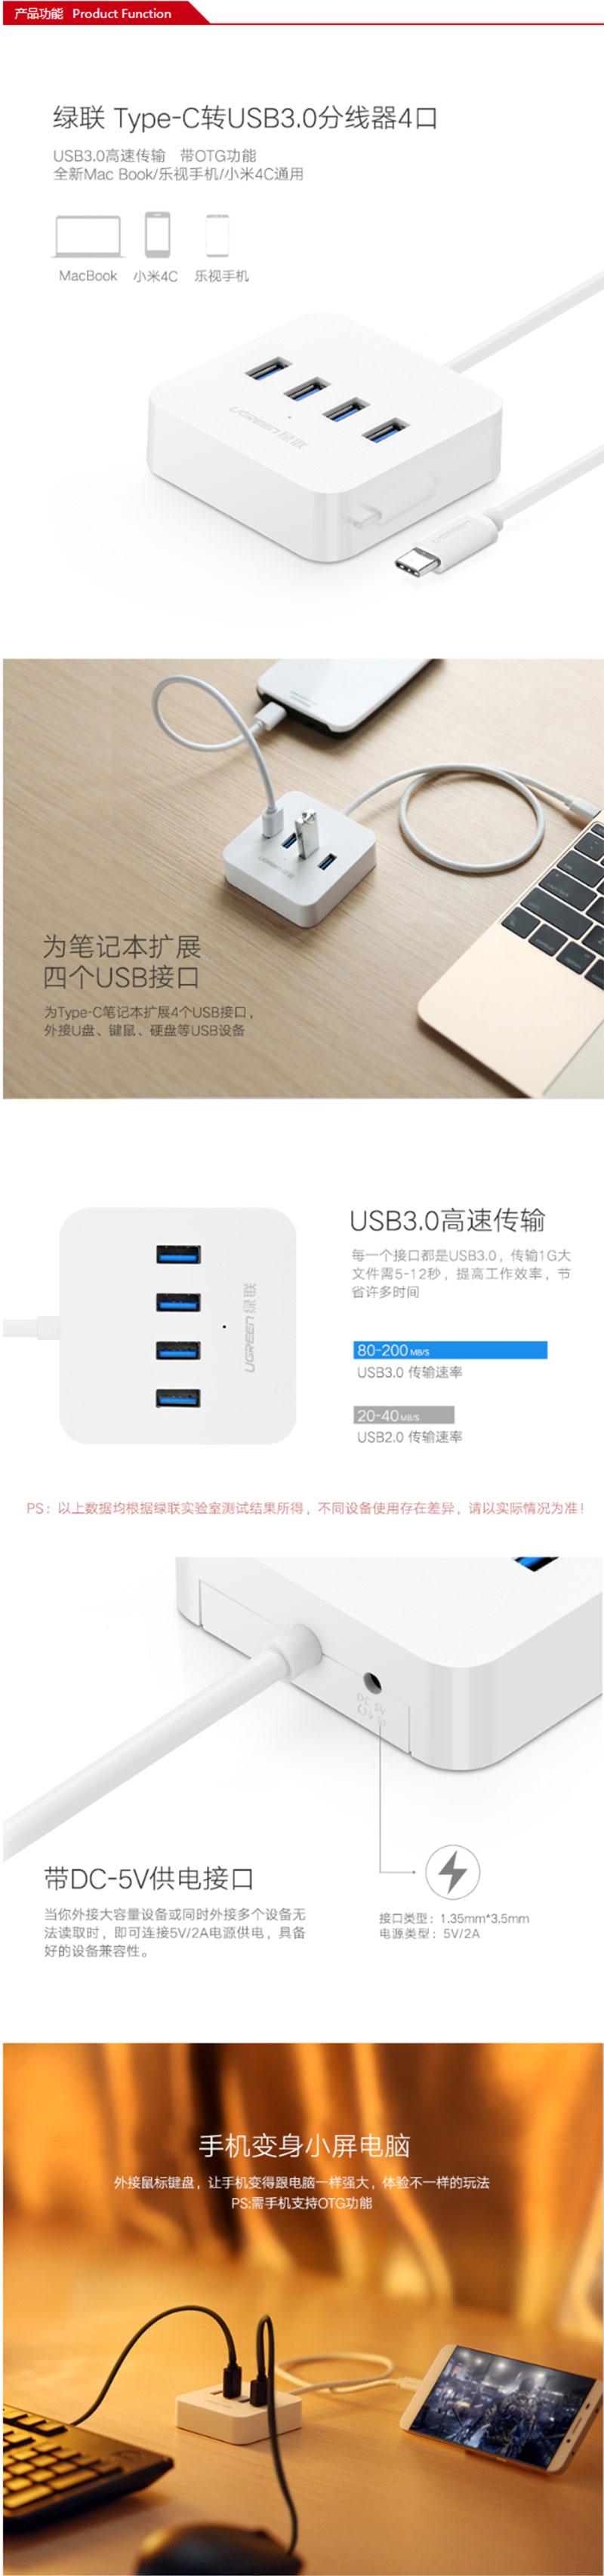 绿联30316 TYPE-C转4口USB3.0HUB